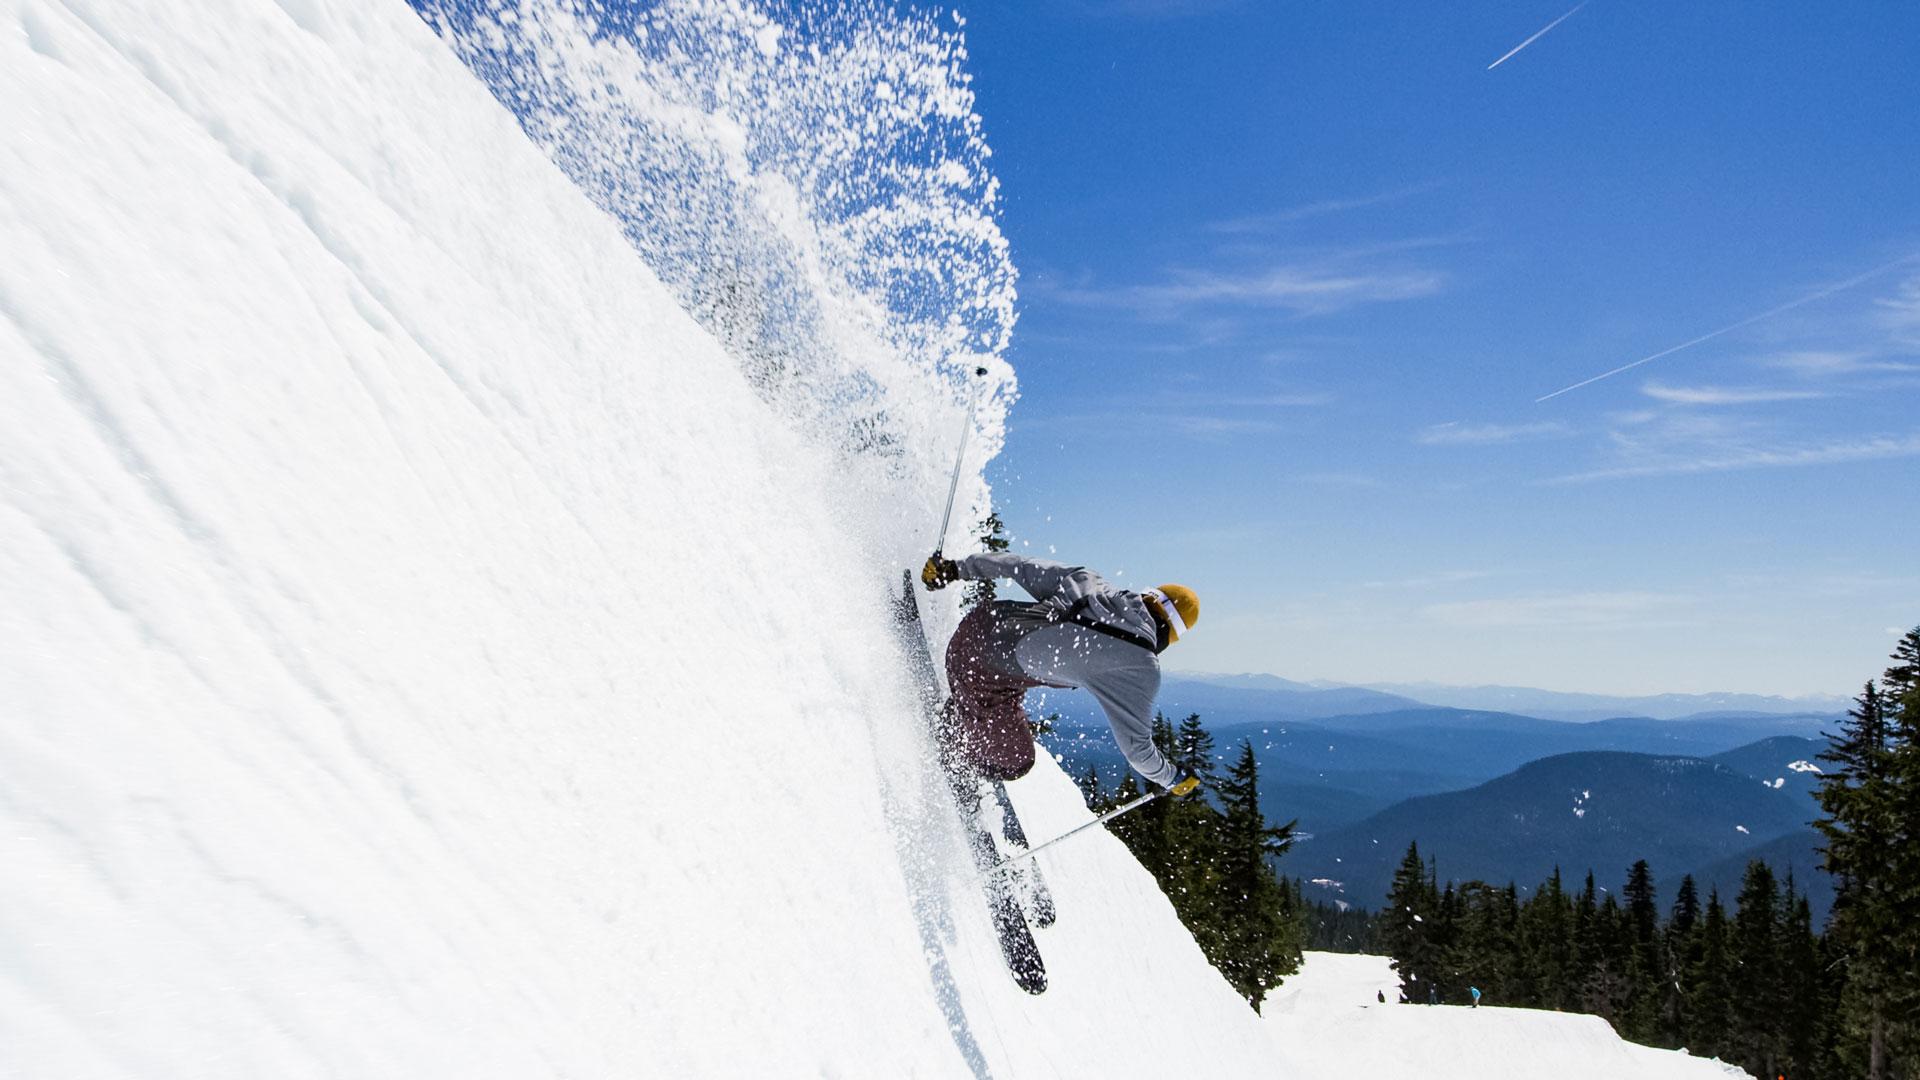 Spring Skiing Slashing Snow